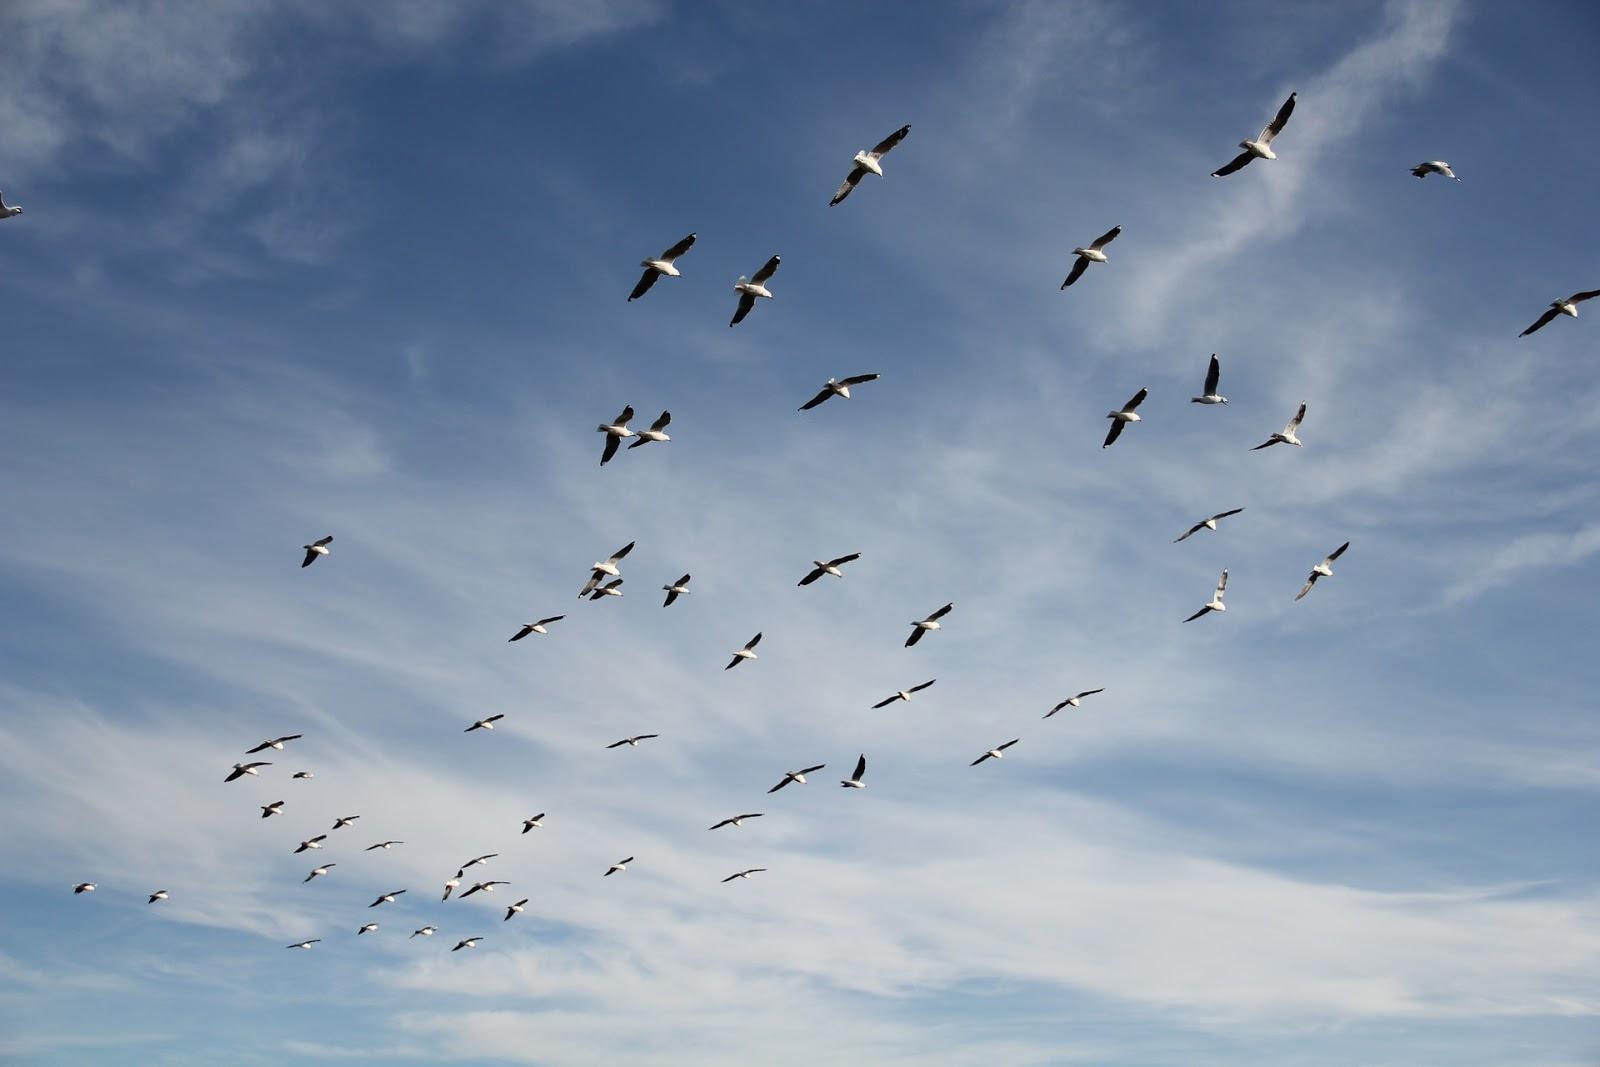 青空を飛んで行く白い鳥の群れ